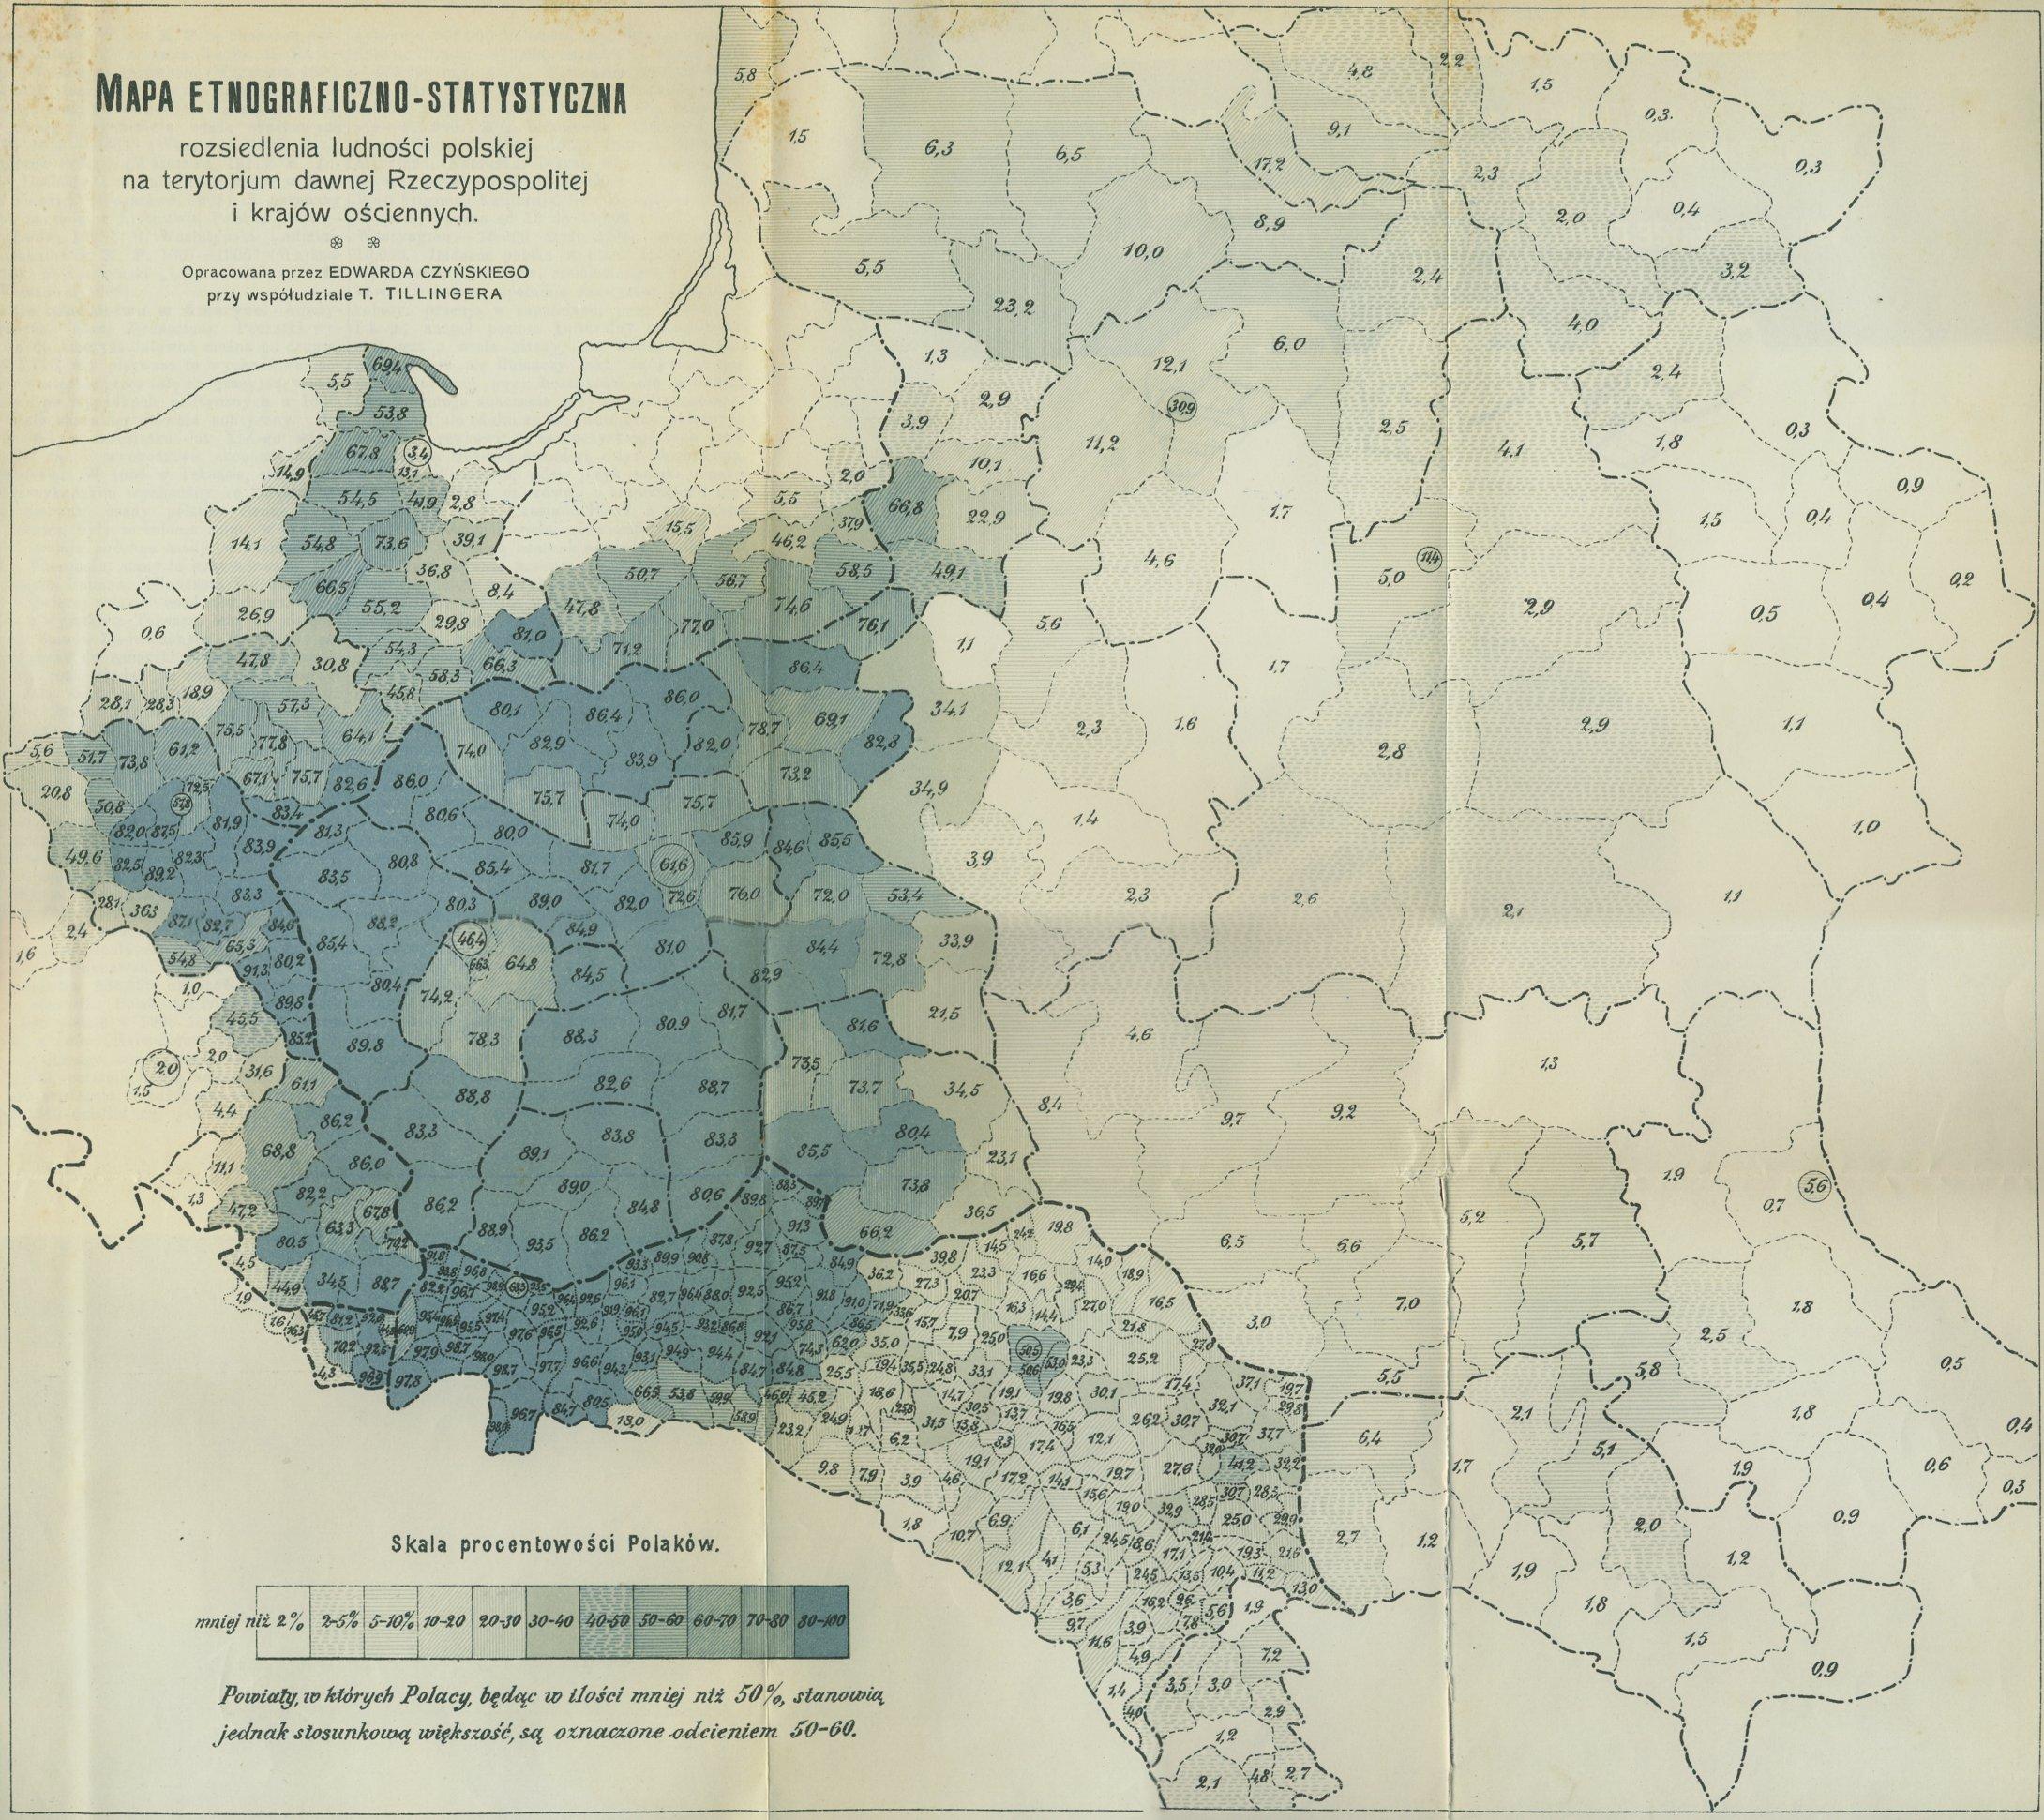 Mapa etnograficzno-statystyczna rozsiedlenia ludności polskiej na terytorium dawnej Rzeczypospolitej i krajów ościennych